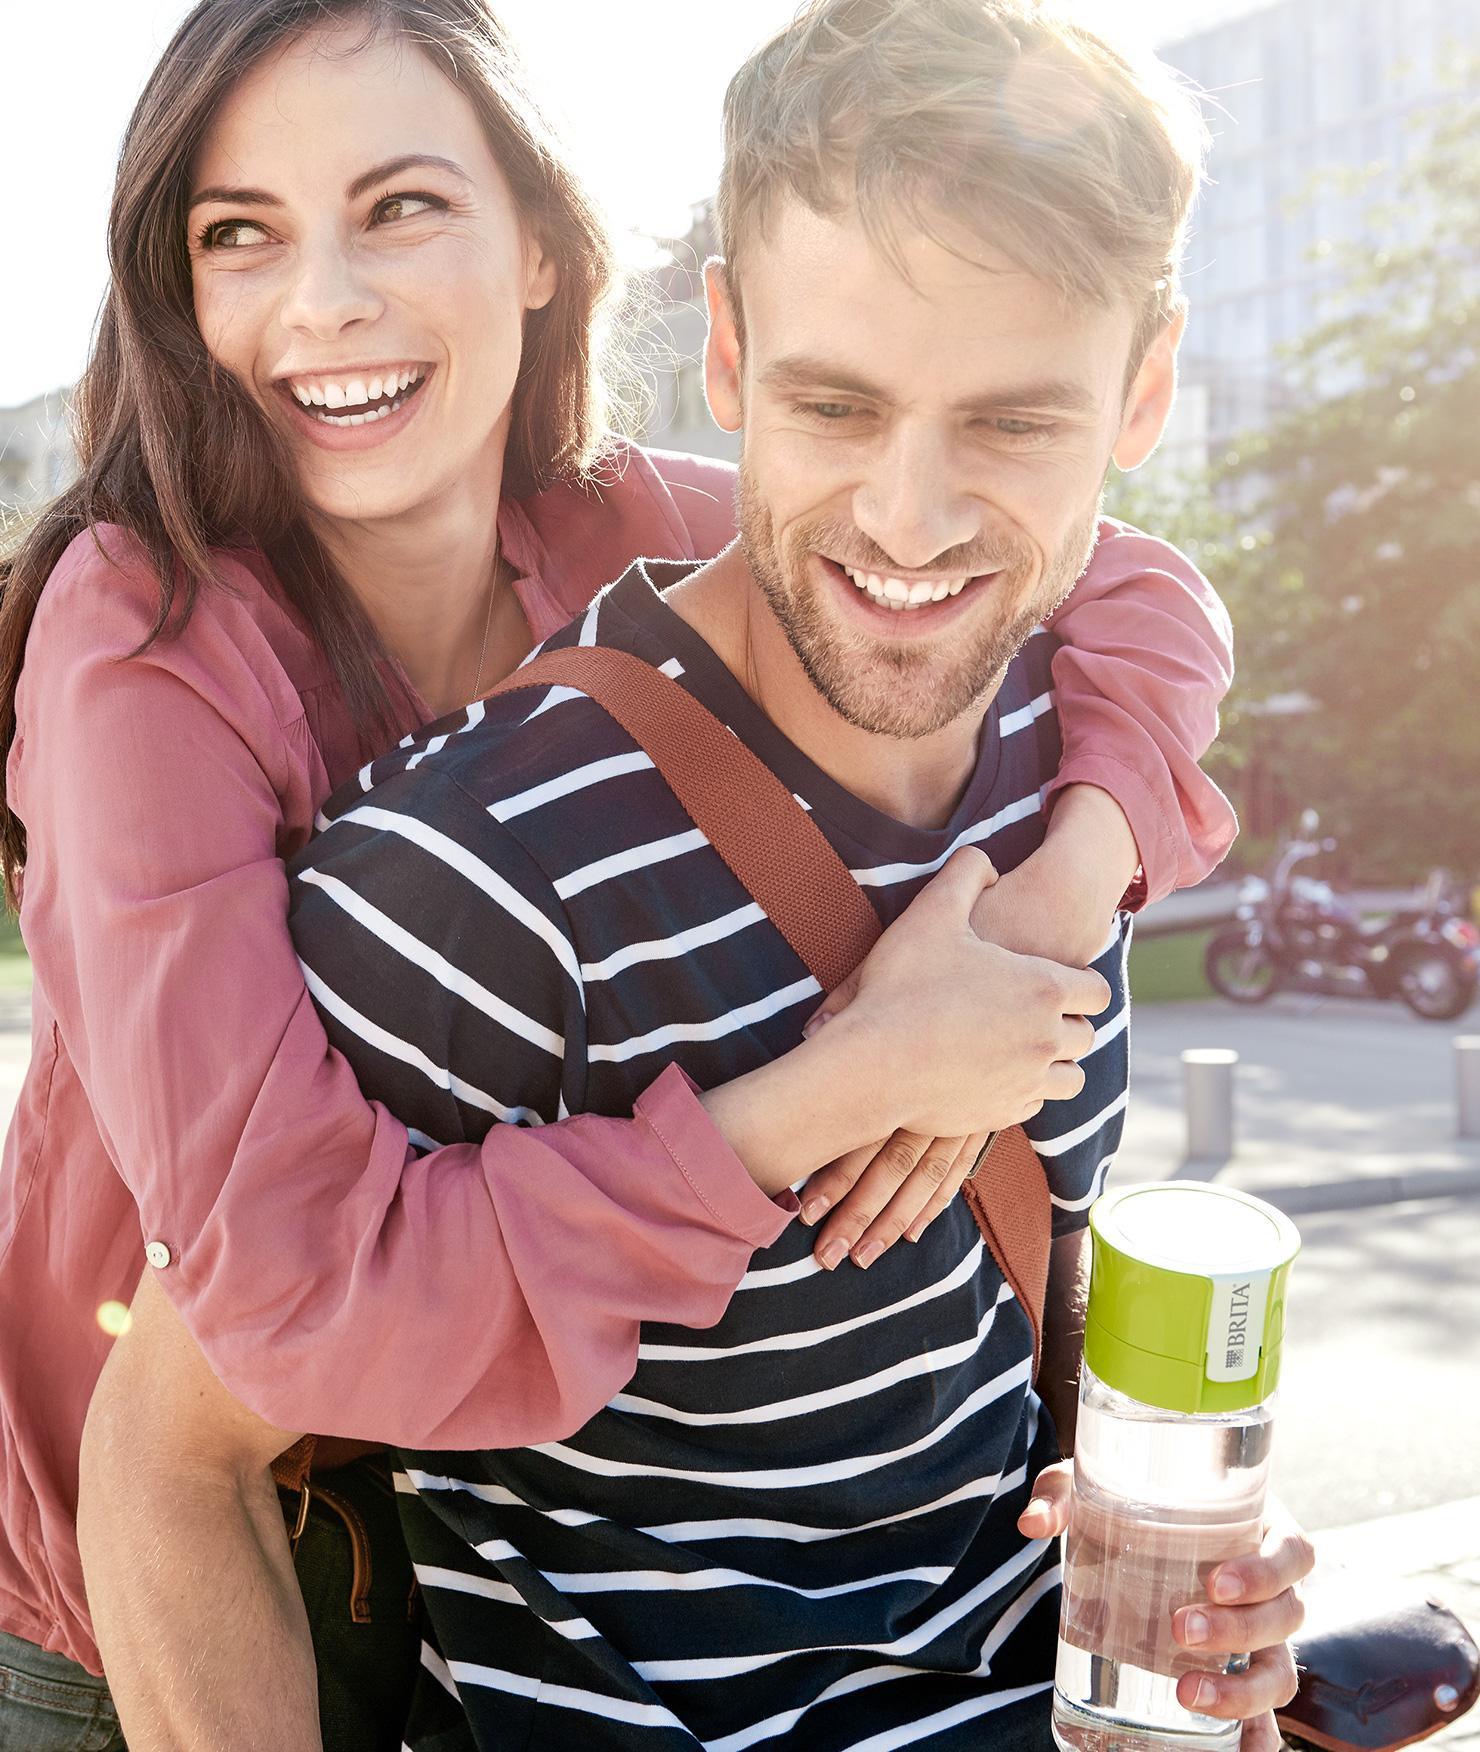 BRITA fill&go Vital lime city couple